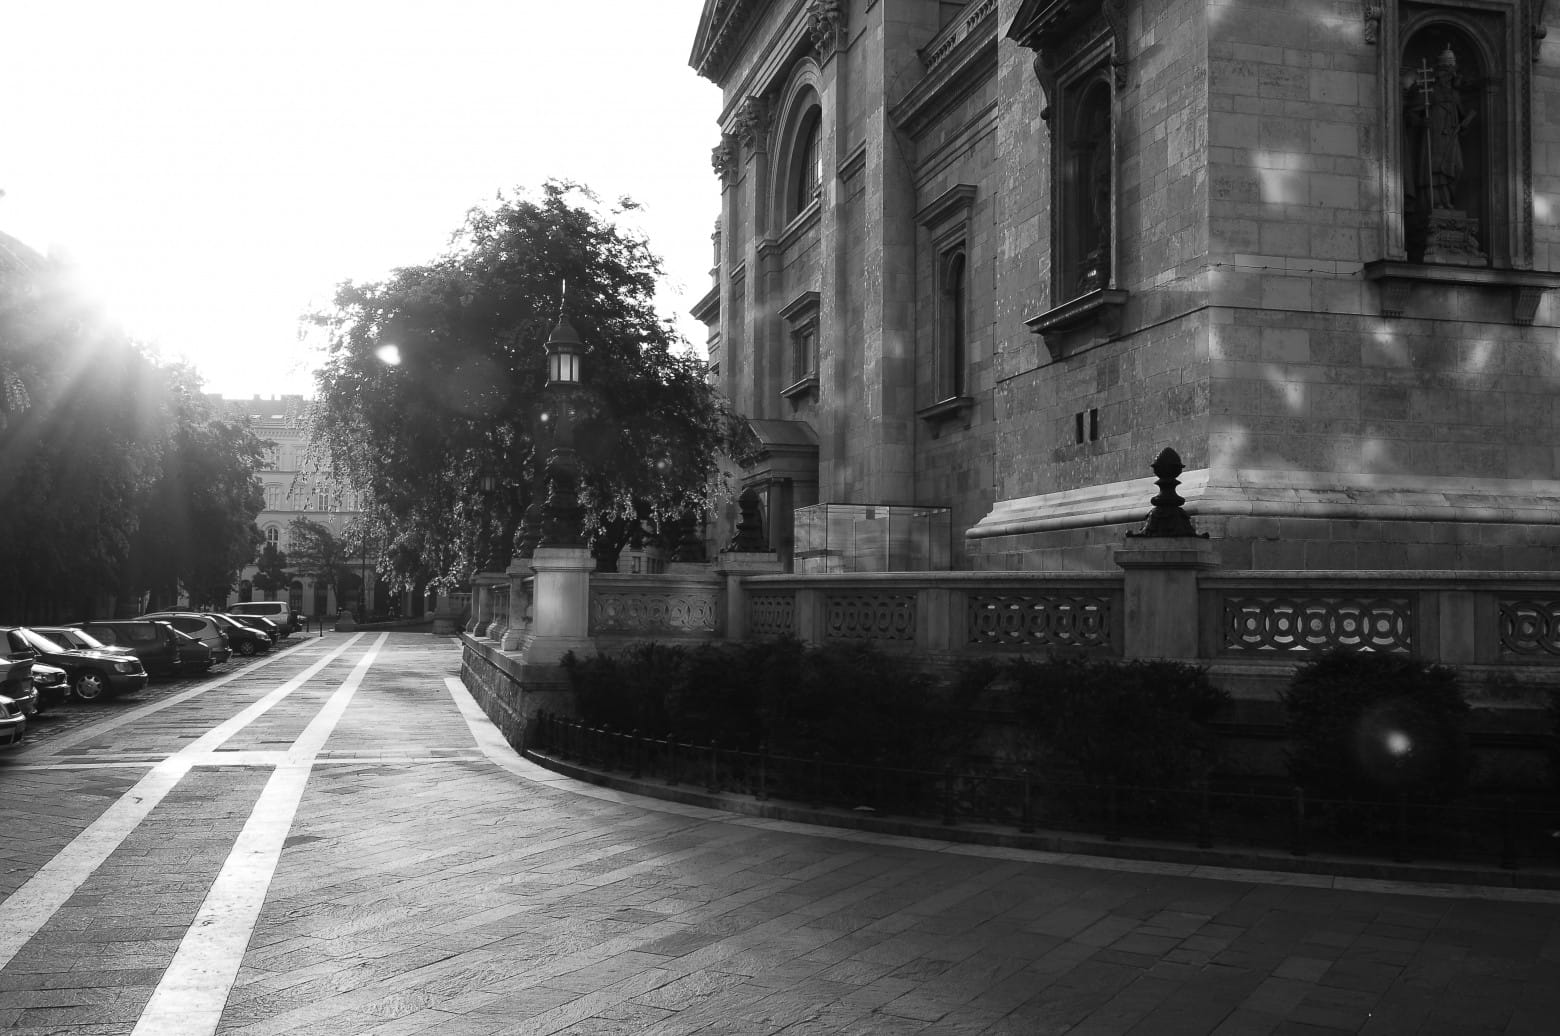 Bazilika_terasz_setany_felvono_foto_utca_hajnal